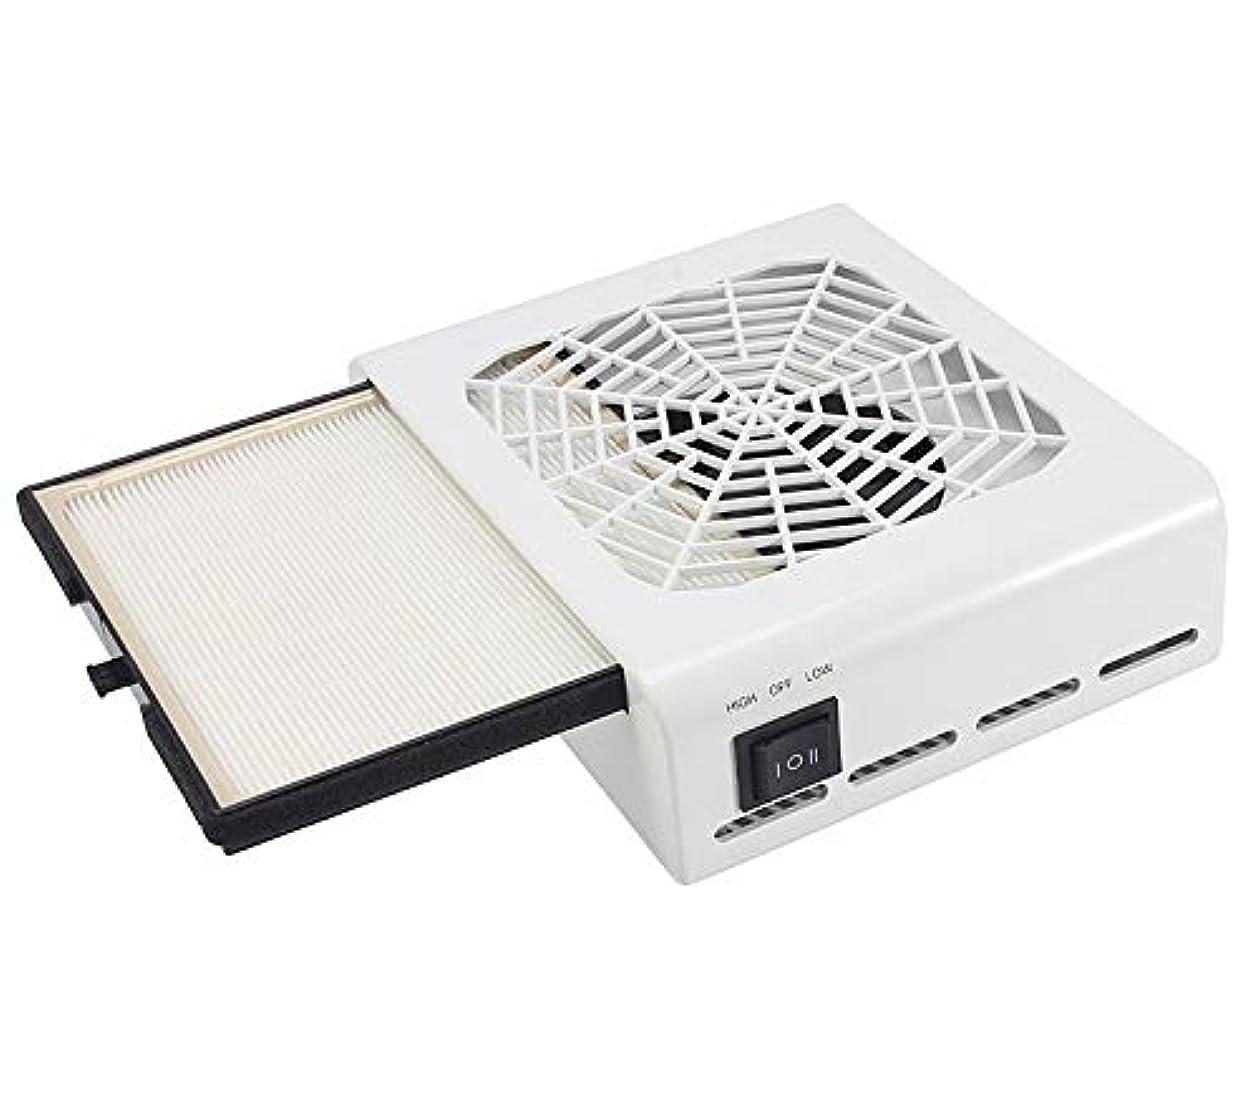 パーティション蒸発する後方最新版 ネイルダスト 集塵機 ジェルネイル ネイル機器 ネイルケア用 ハイパワー 45W低騒音 110V 2つの風速は調整可能